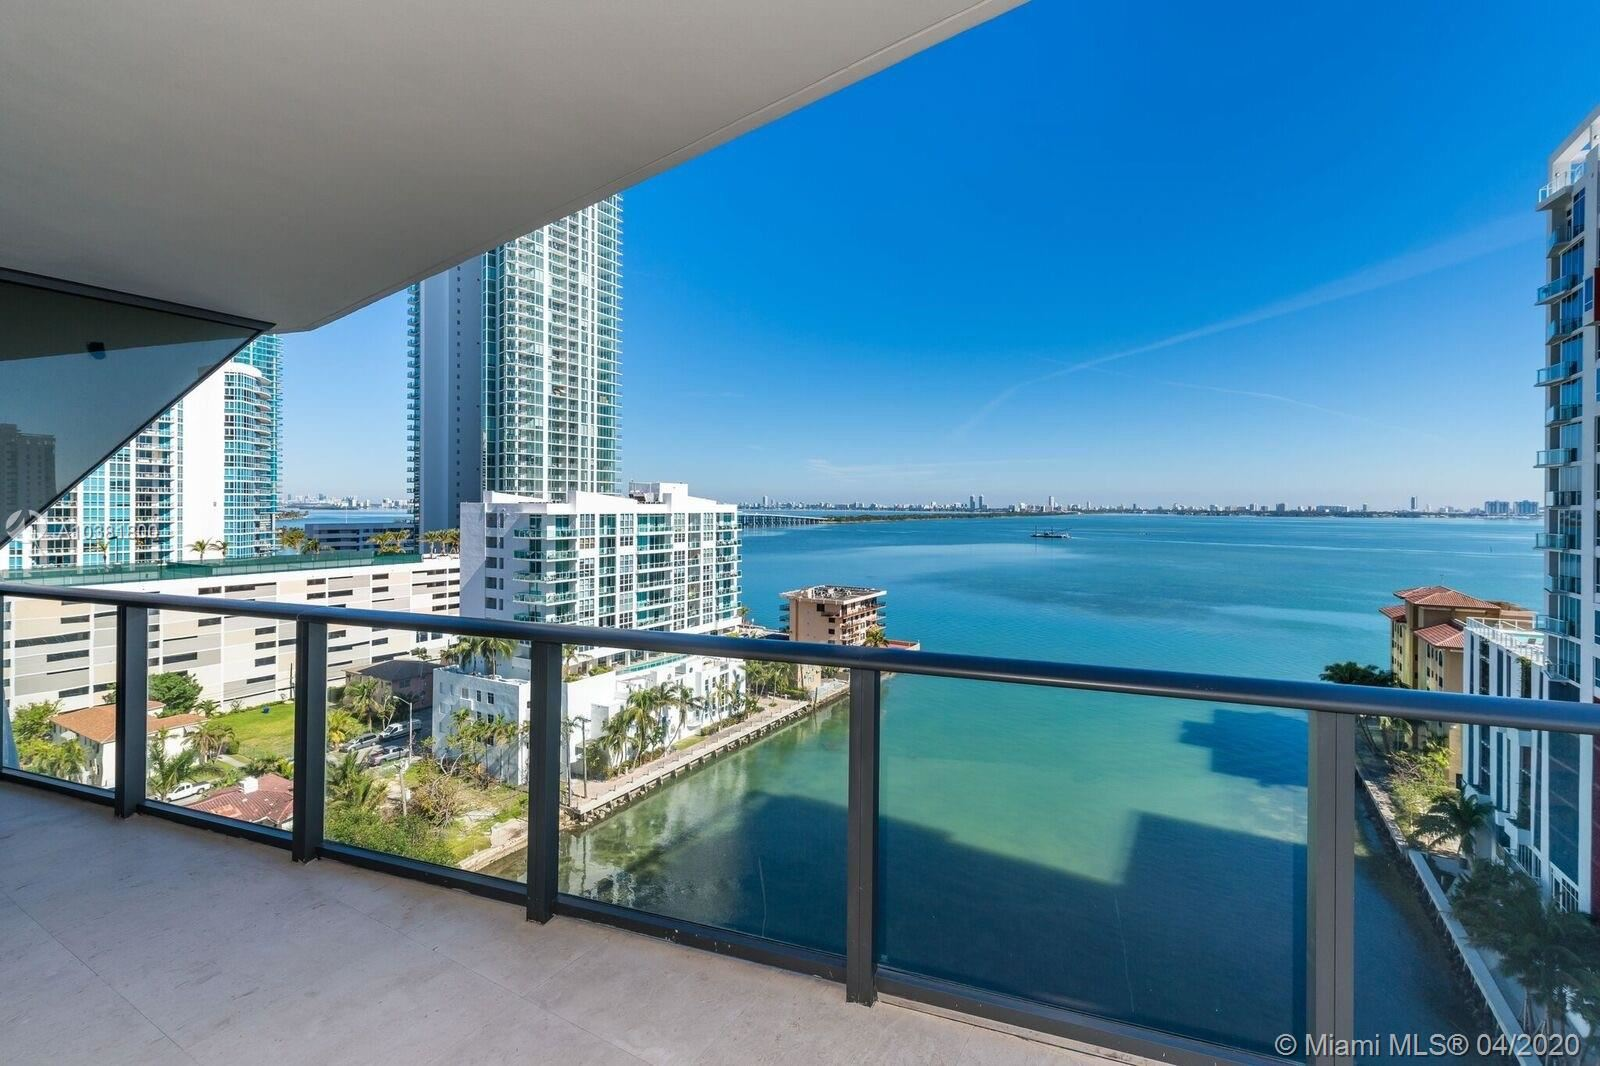 460 NE 28th St #1108, Miami, FL 33137 - #: A10381800